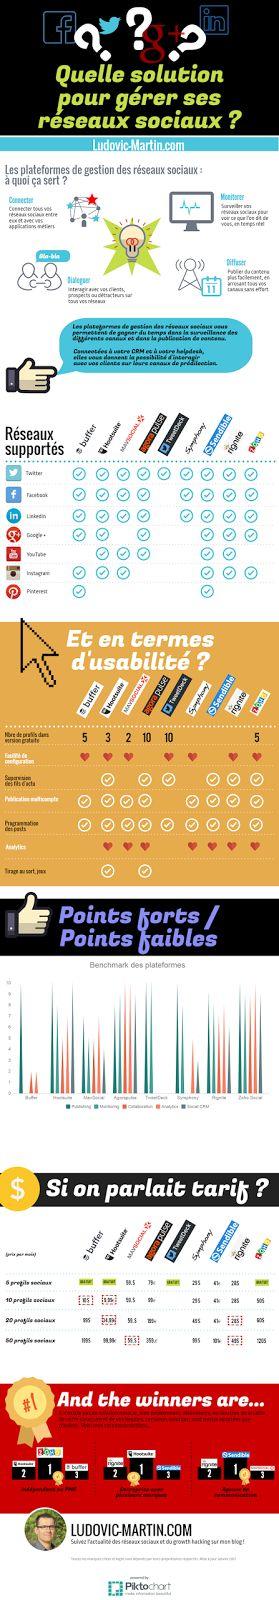 Infographie : quelle est la meilleure plateforme pour gérer ses réseaux sociaux (et ceux de ses clients) ? - Ludovic Martin.com